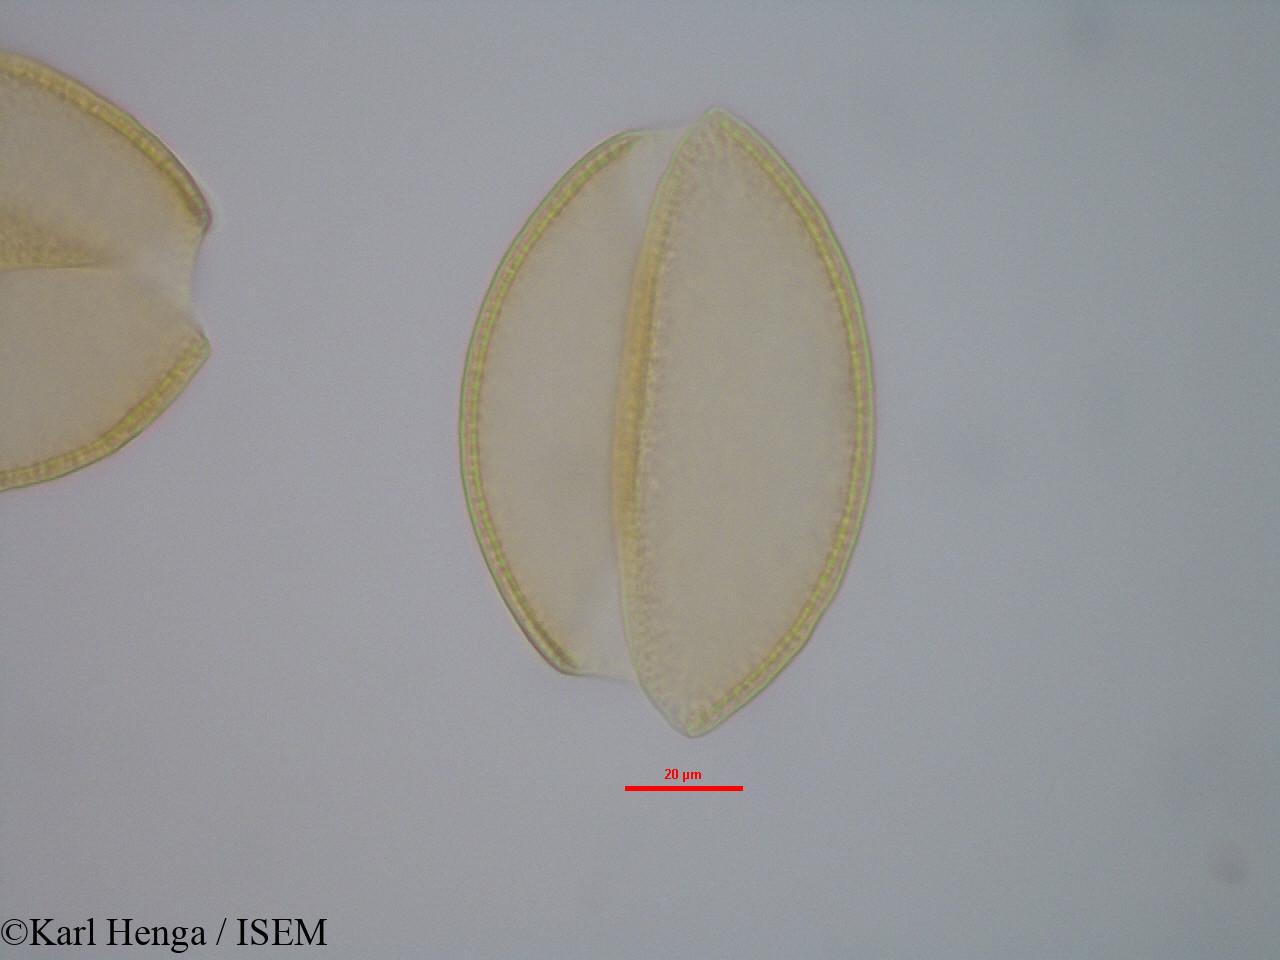 Karl.Henga/Dracaena_ovata_19421/Dracaena_ovata_19421_0002(copy).jpg